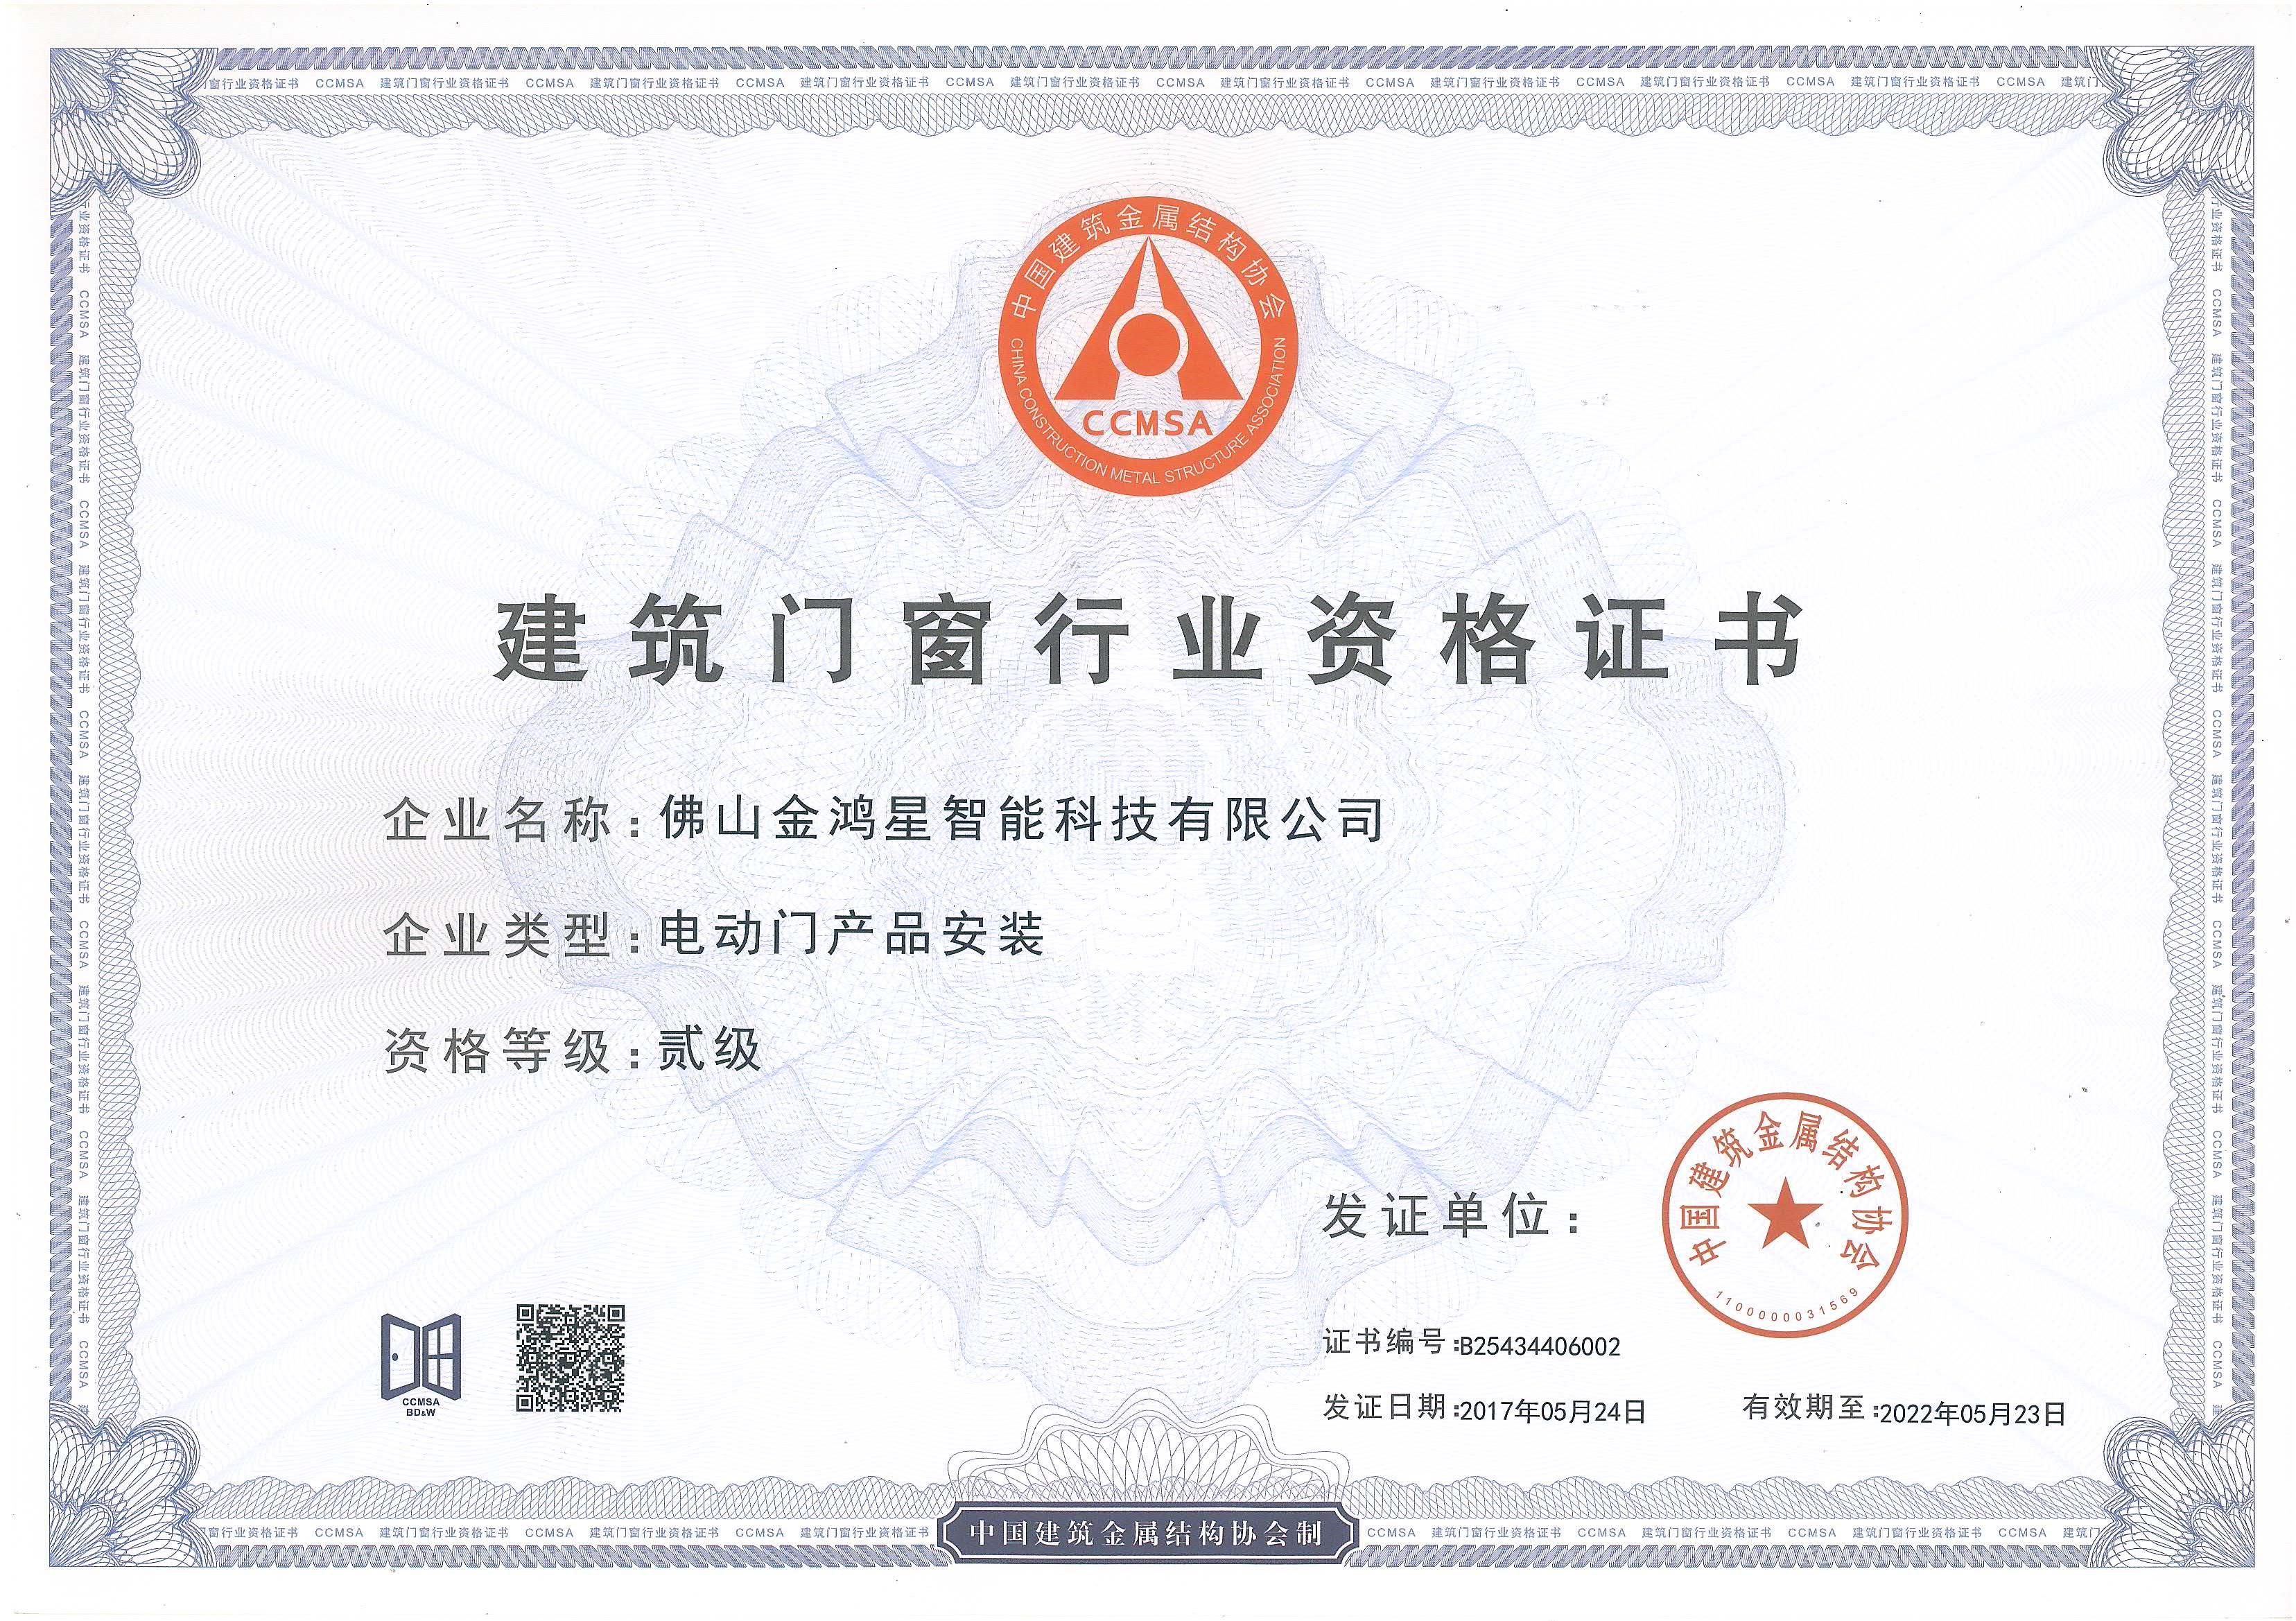 建筑门窗行业资格证书贰级